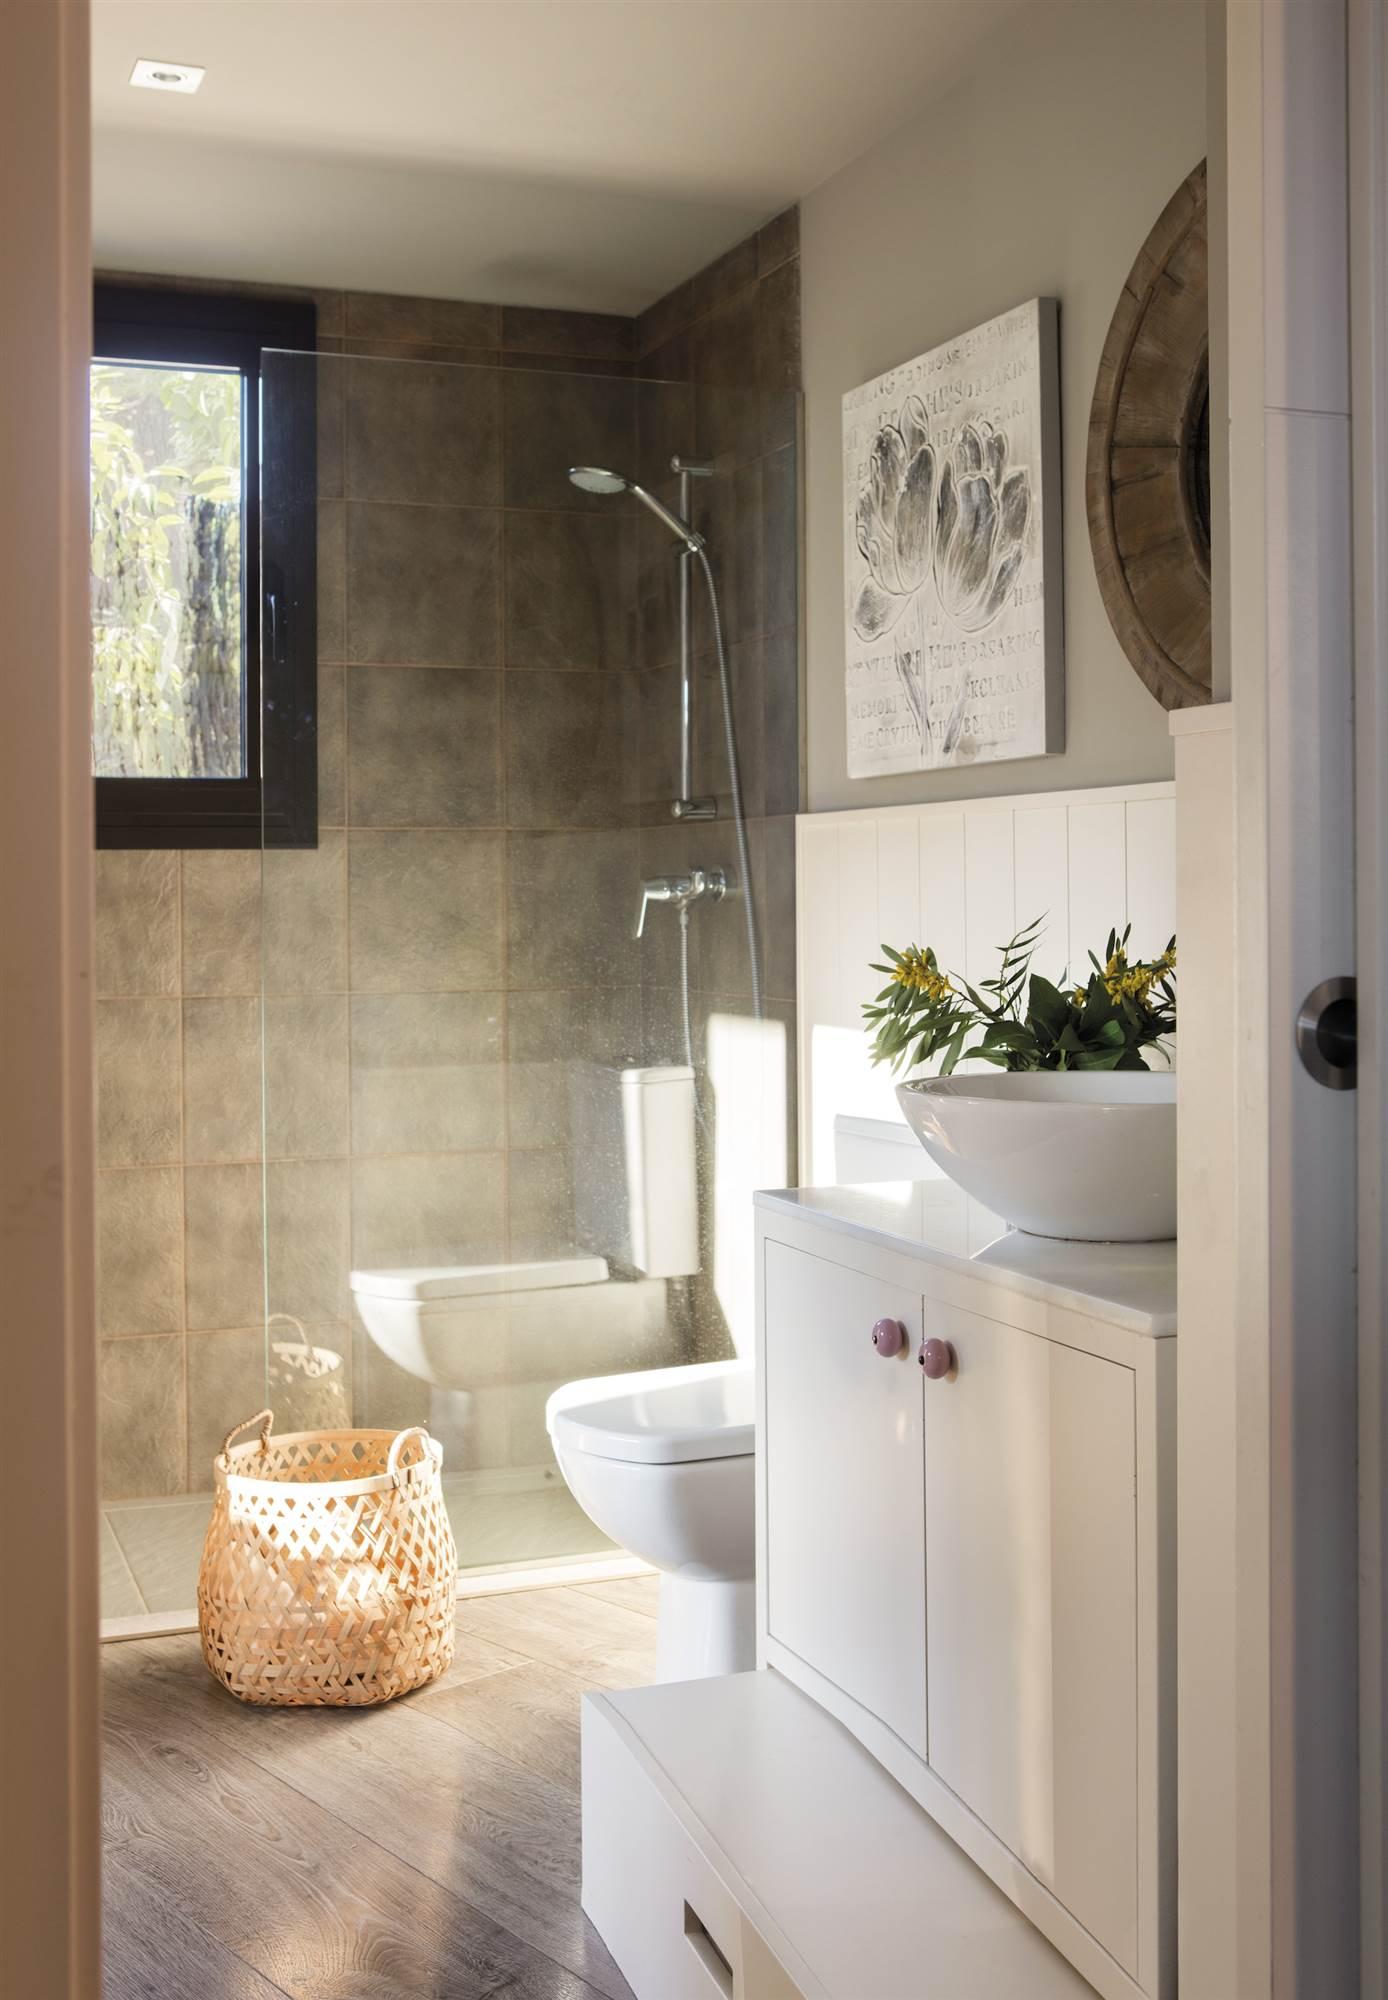 135 fotos de duchas - Banos y duchas ...